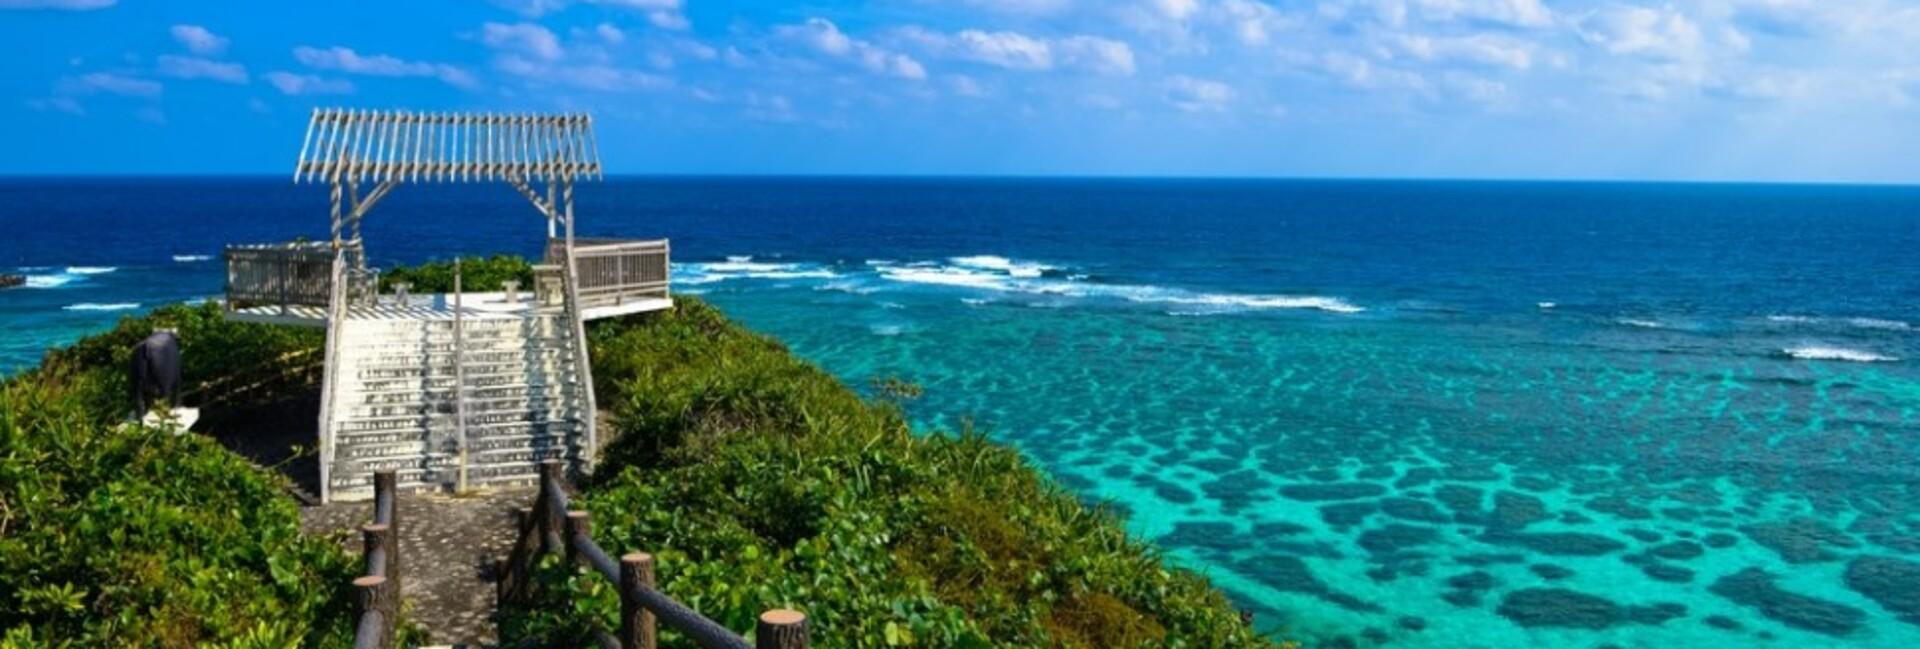 Raj na krańcu świata - Polinezja Francuska